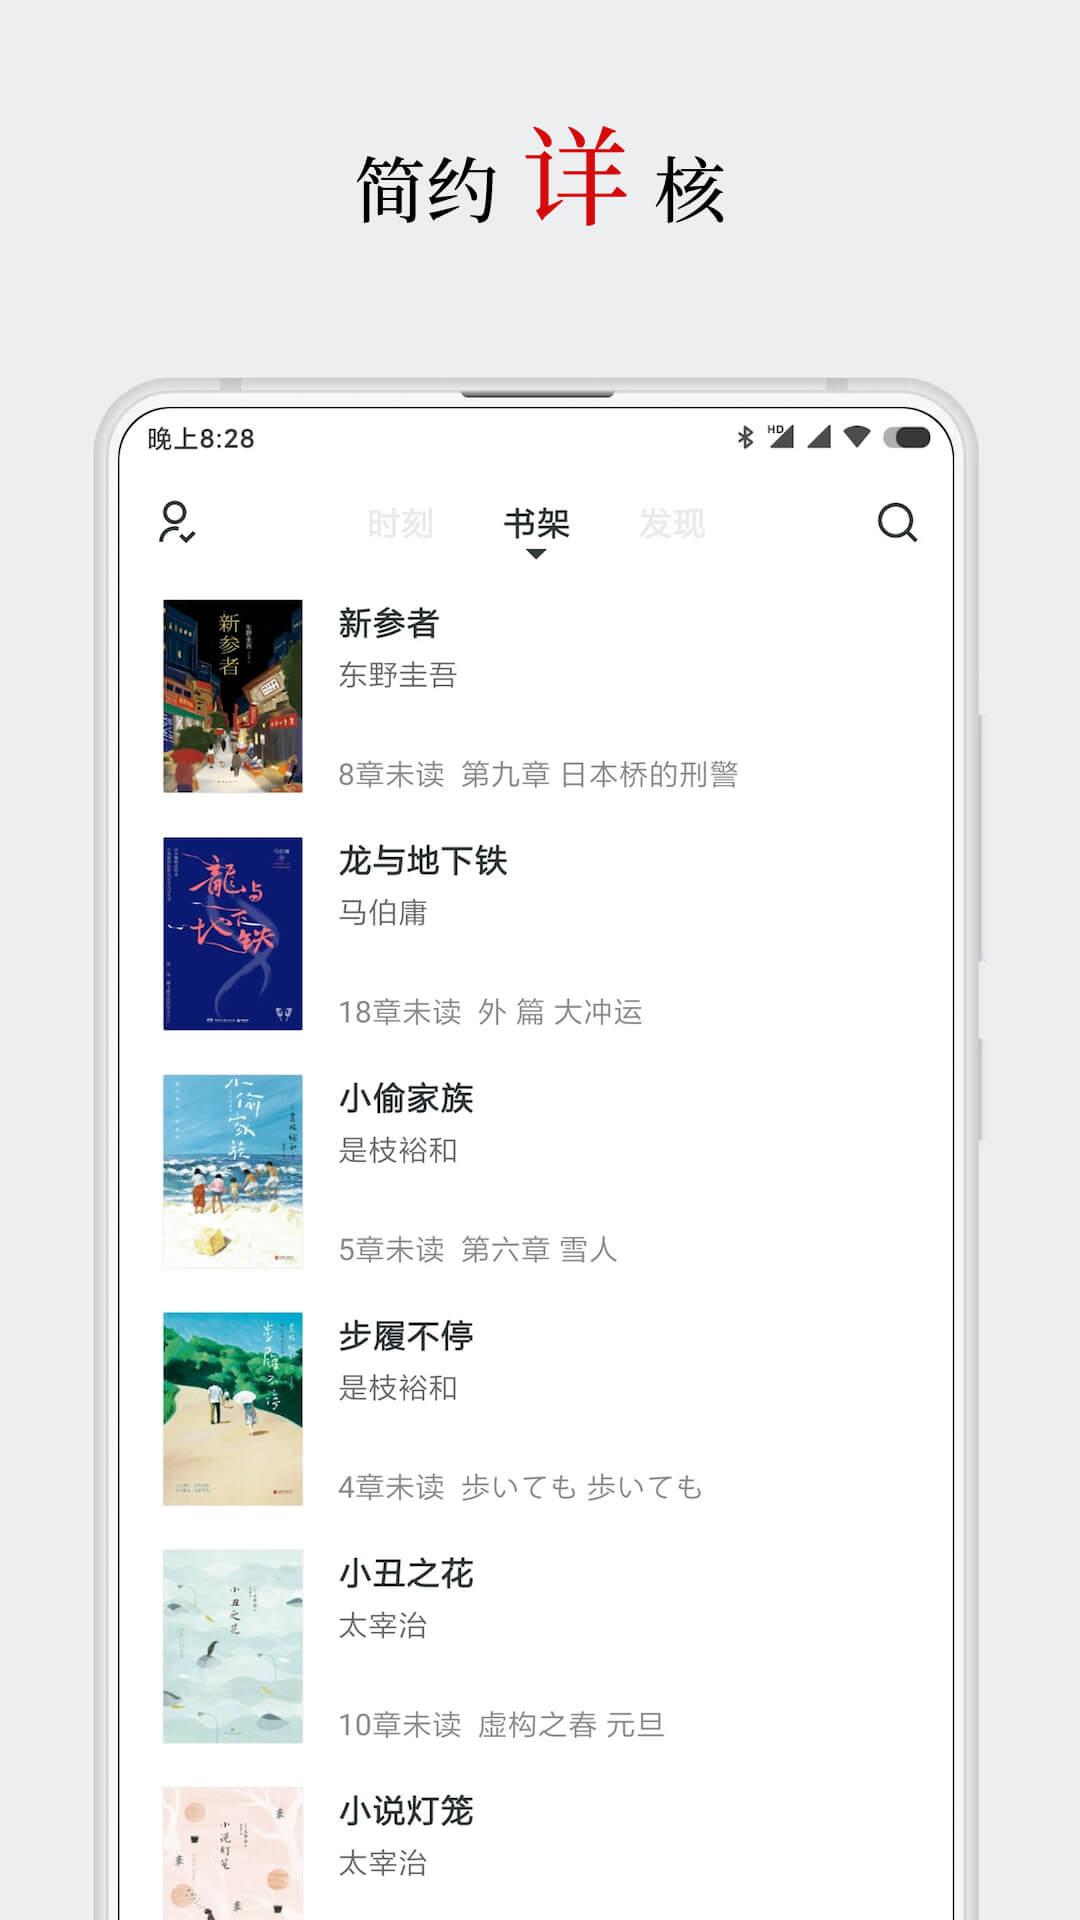 【分享】厚墨-极简设计,纯粹阅读